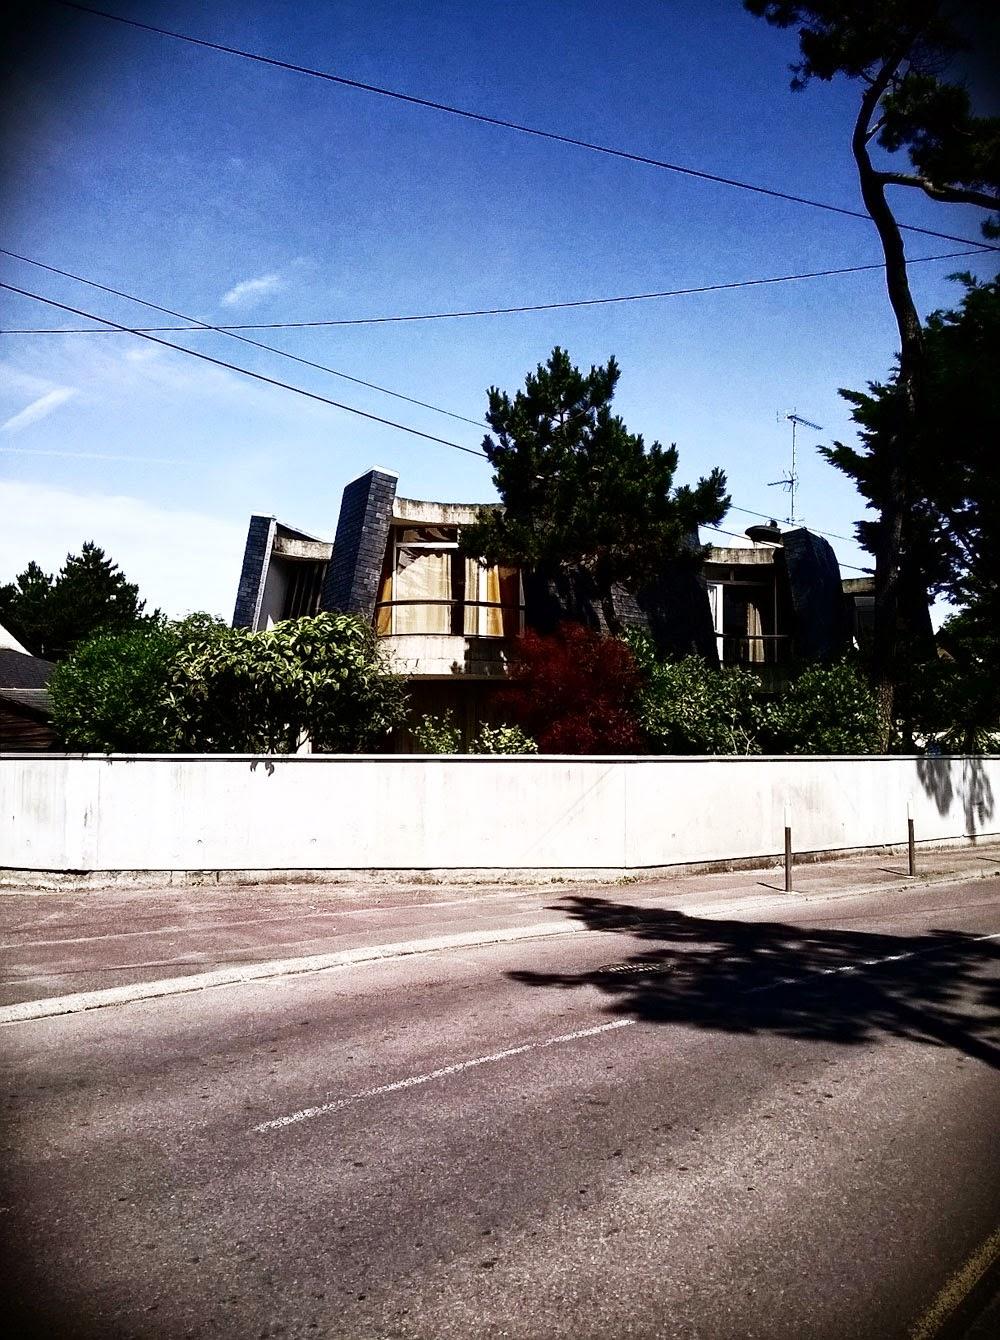 Le doigt dans l 39 oeil du design maison eugene leseney for Parent architecte